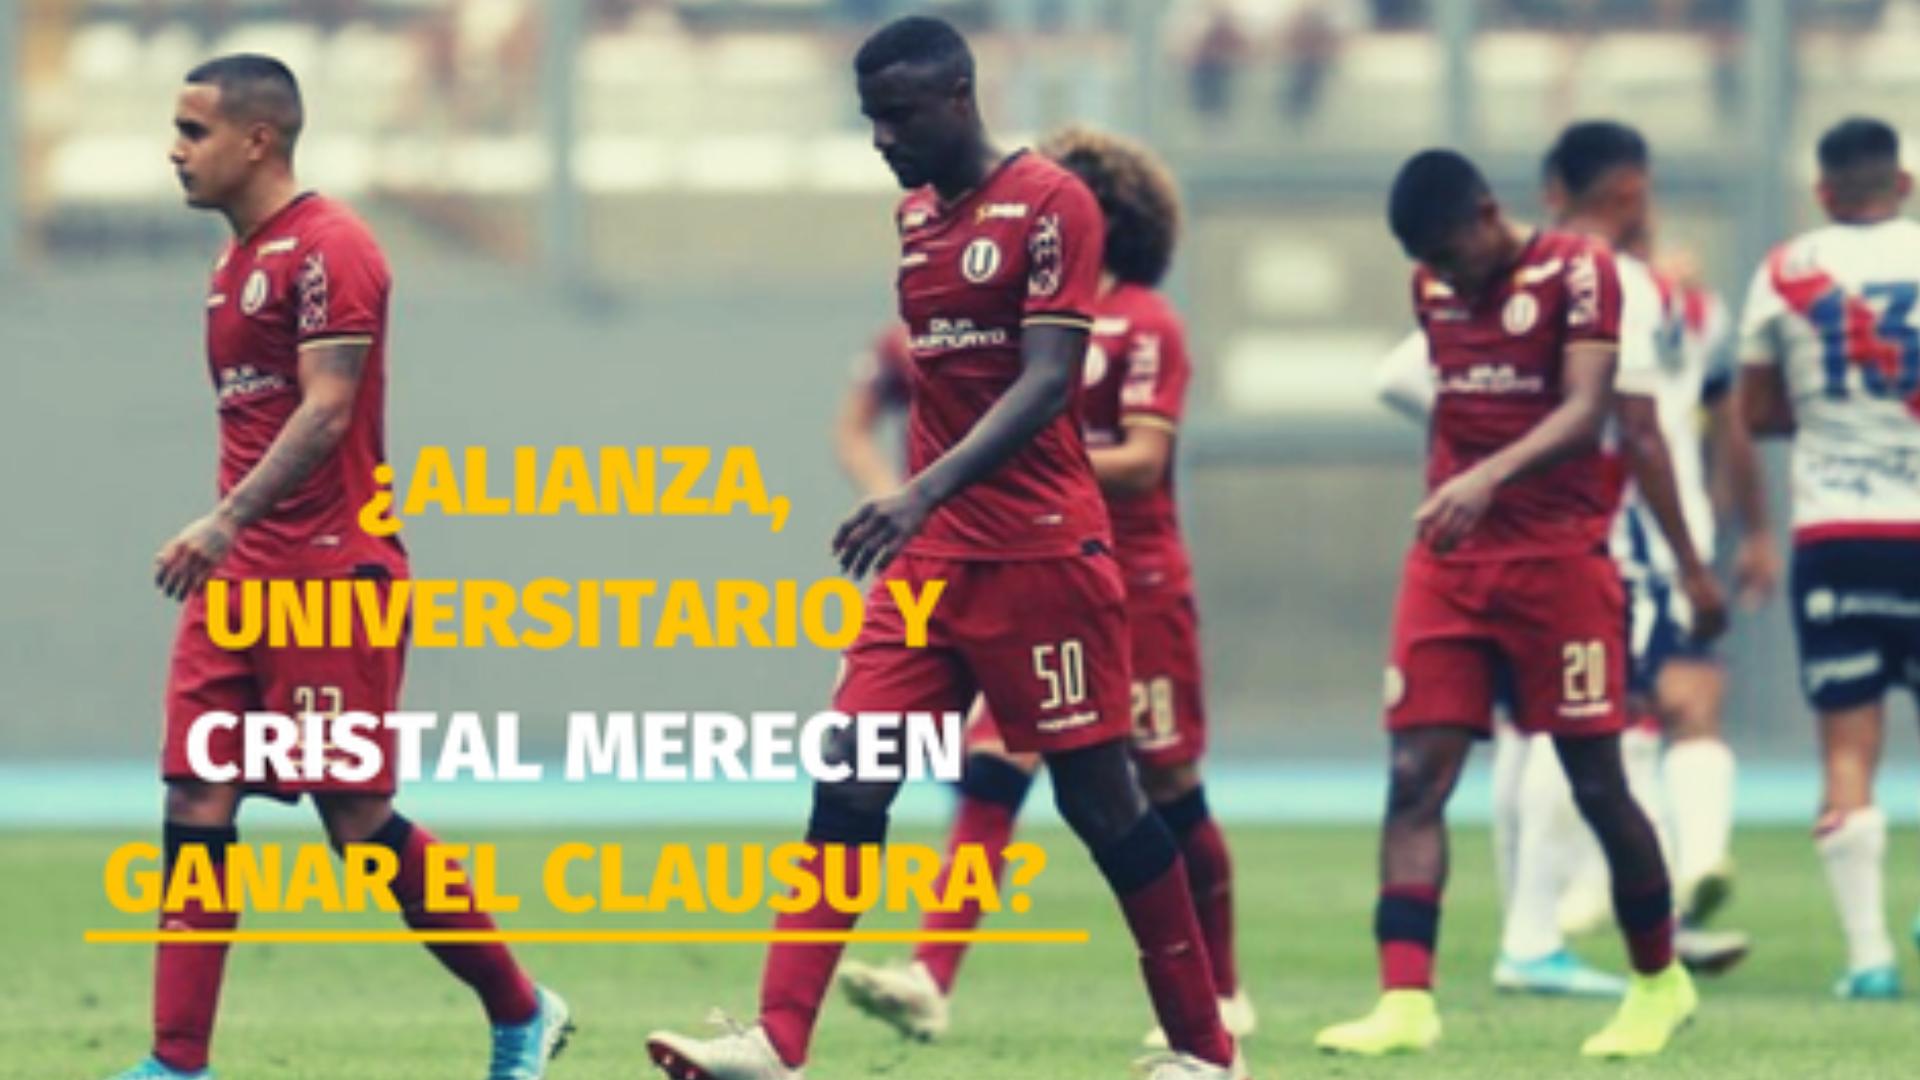 ¿Alianza, Universitario y Cristal merecen ganar el Torneo Clausura?